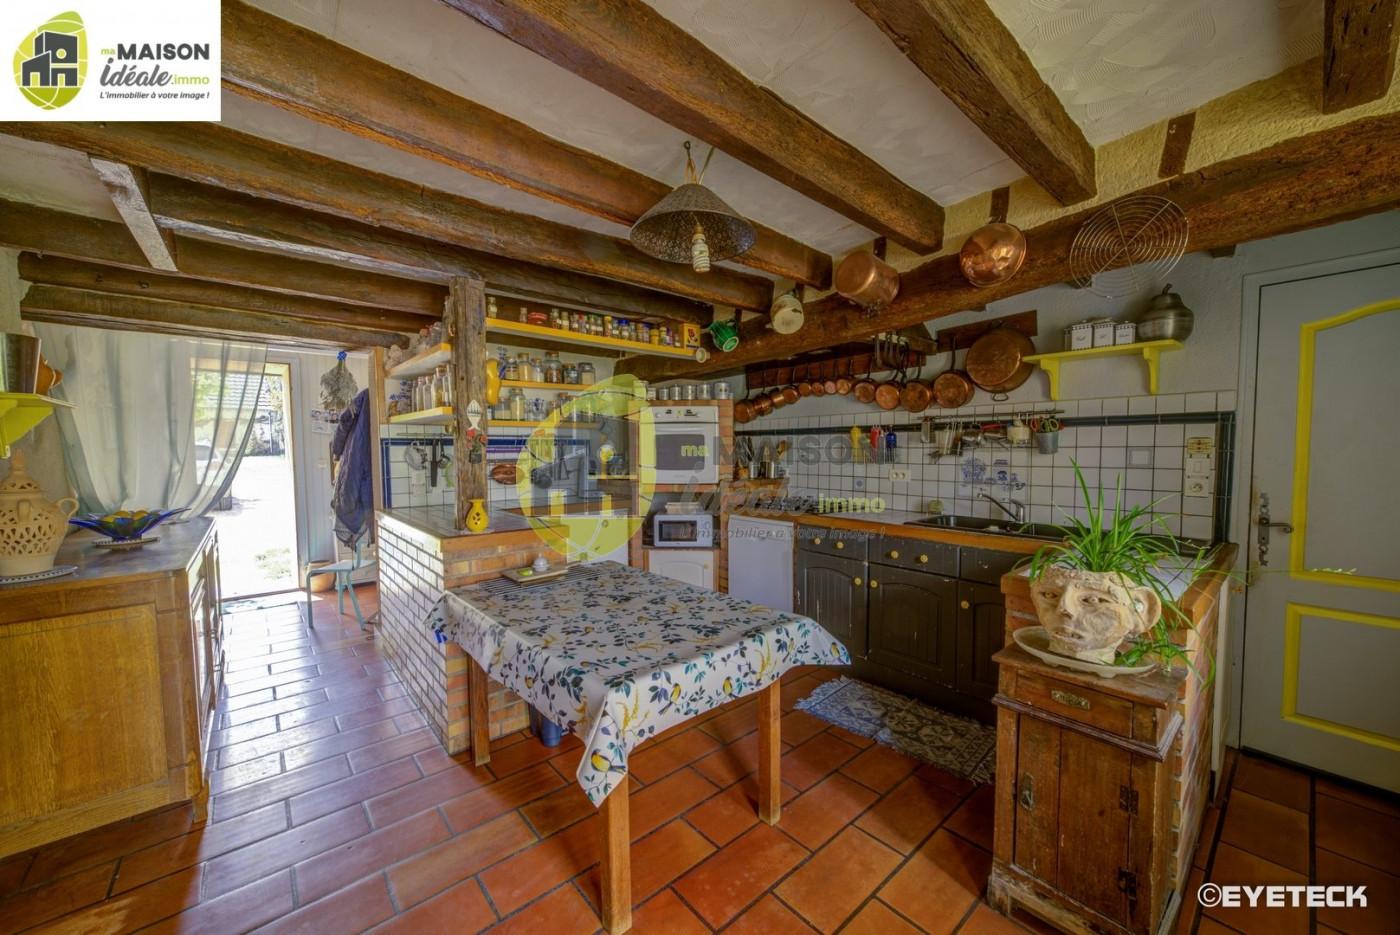 A vendre  Marmagne | Réf 36003961 - Ma maison ideale